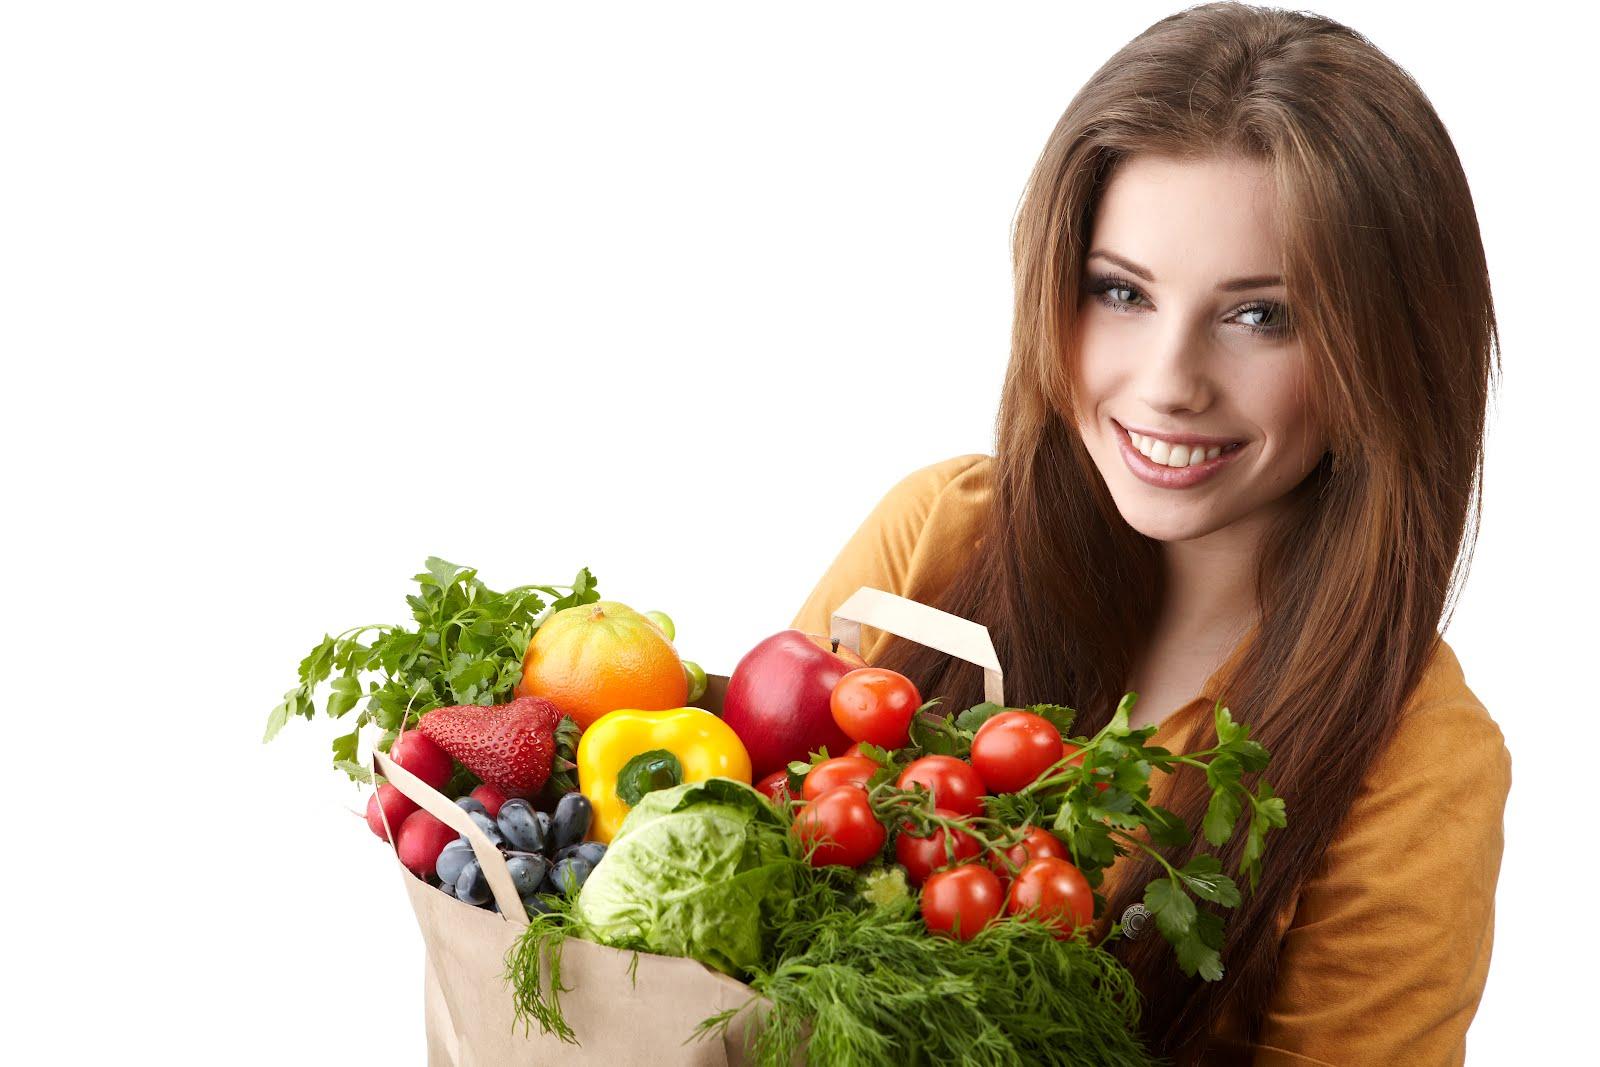 alimentos saludables que te harán sentir mejor